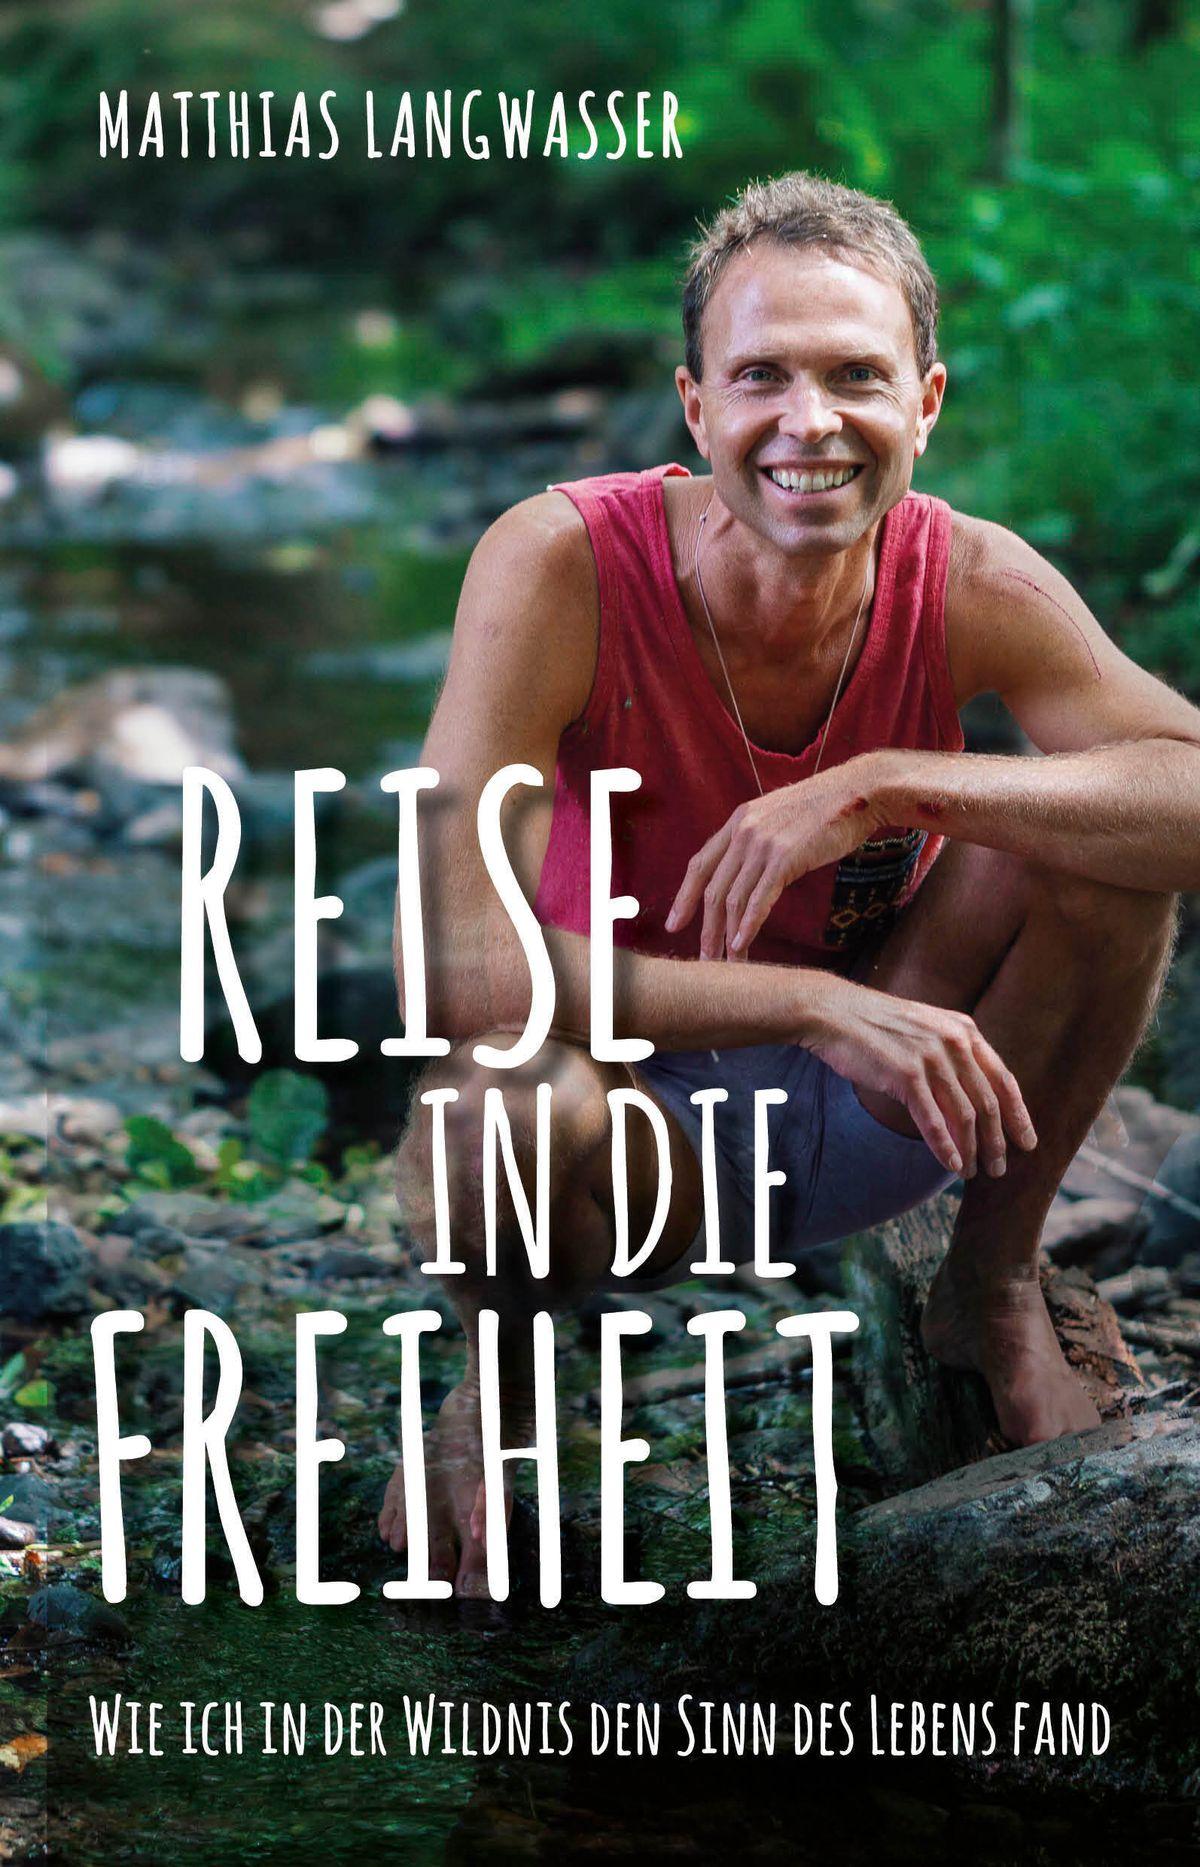 Matthias Langwasser Reise in die Freiheit – Wie ich in der Wildnis den Sinn des Lebens fand 18,99 Euro | ISBN 978-3-959-72404-3